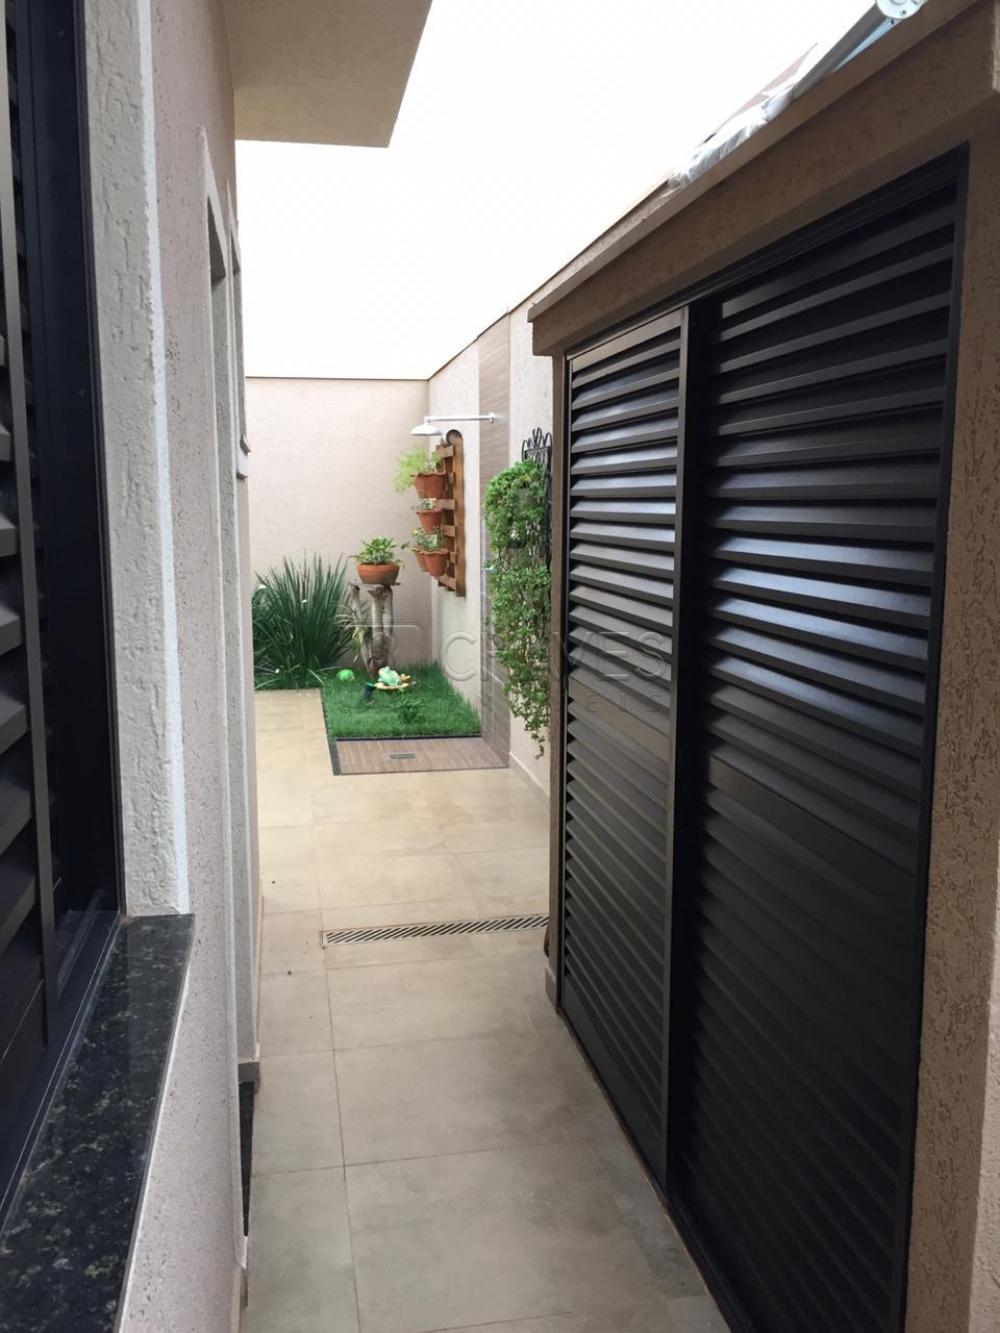 Comprar Casa / Condomínio em Bonfim Paulista apenas R$ 900.000,00 - Foto 8